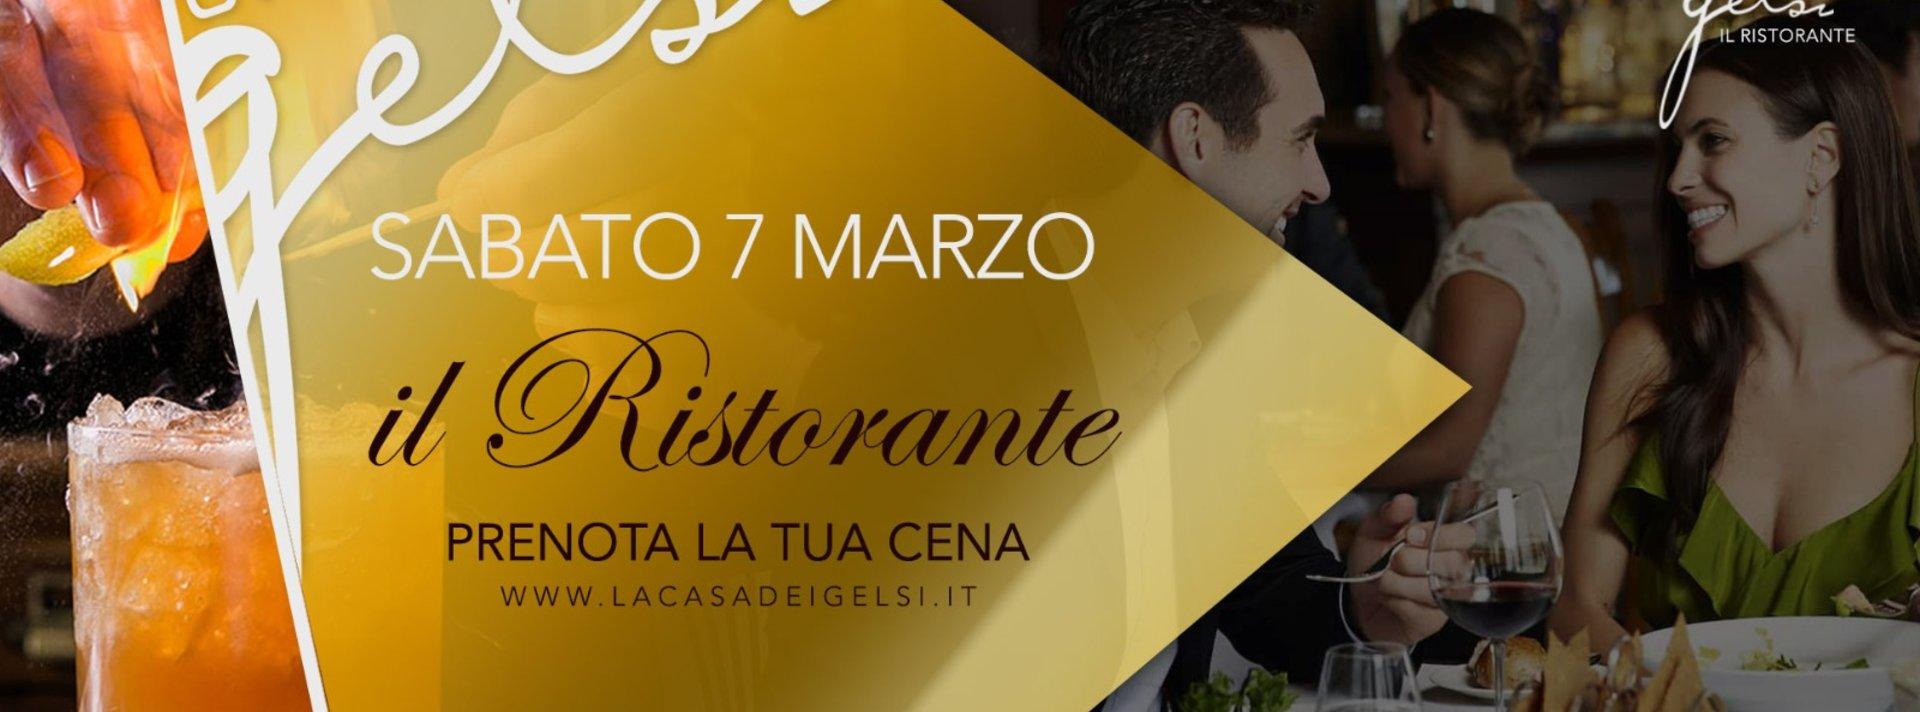 Cena ristorante Gelsi 7 marzo 2020